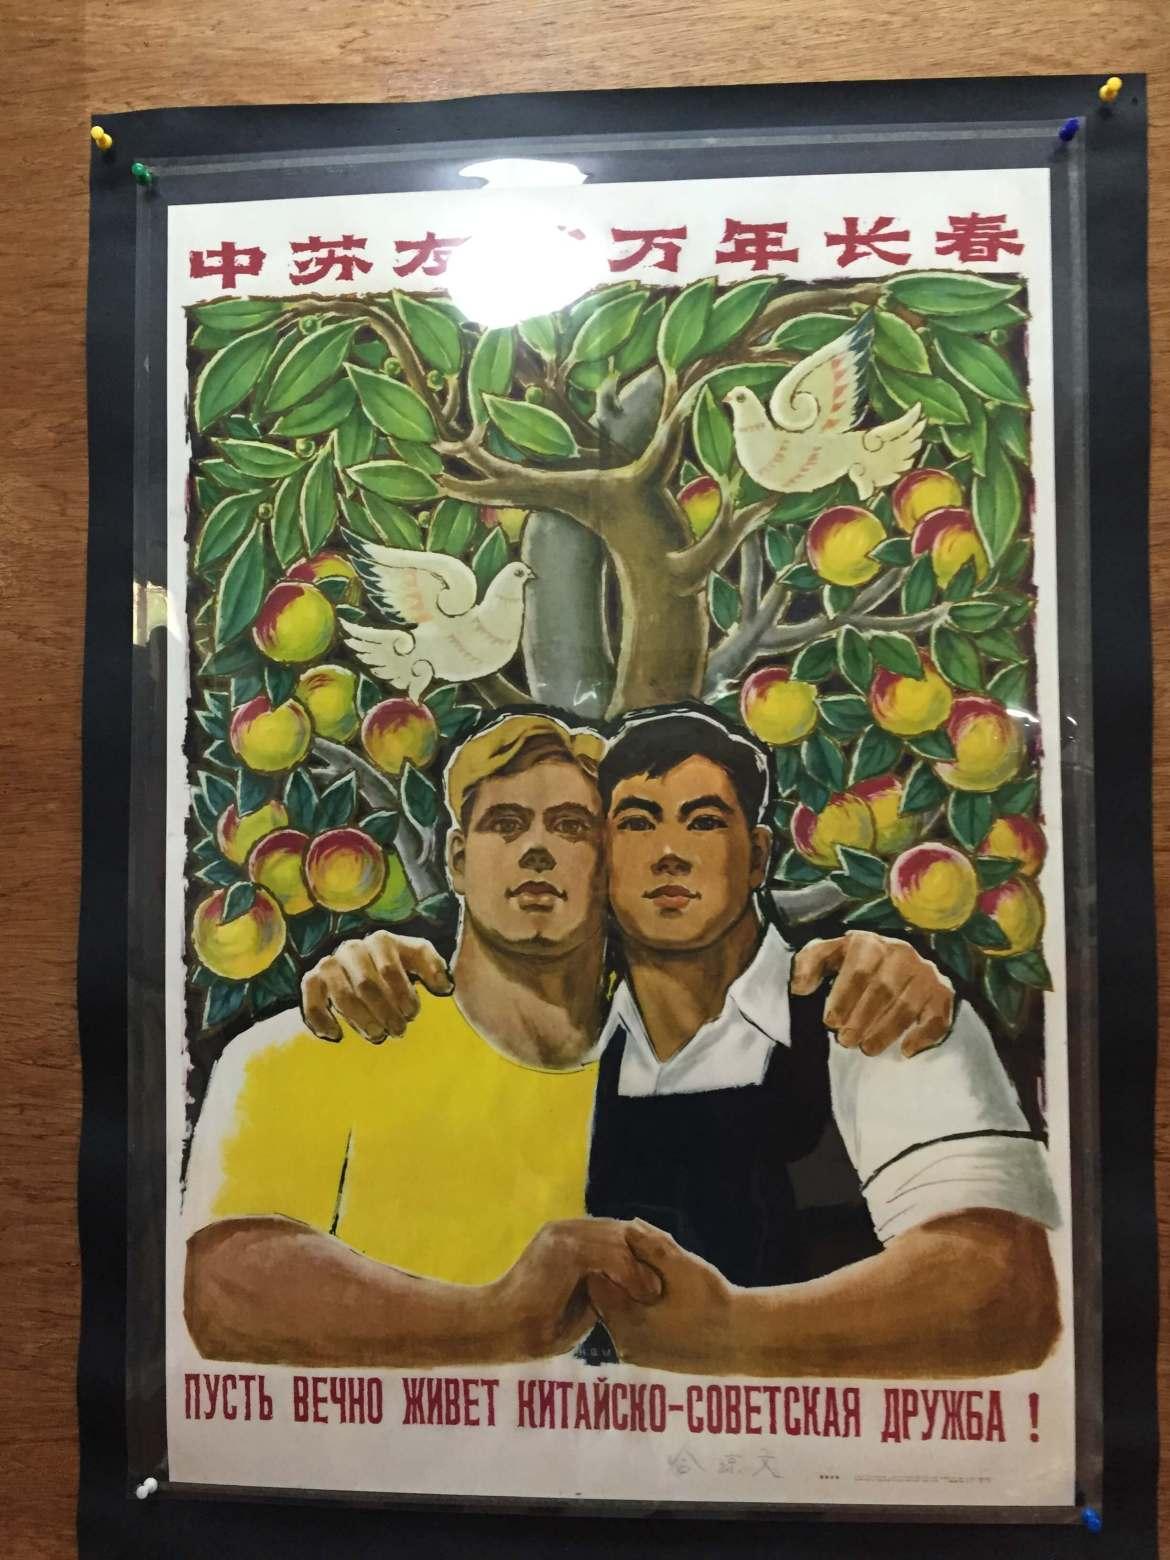 Russia and China at Propaganda Poster Art Centre